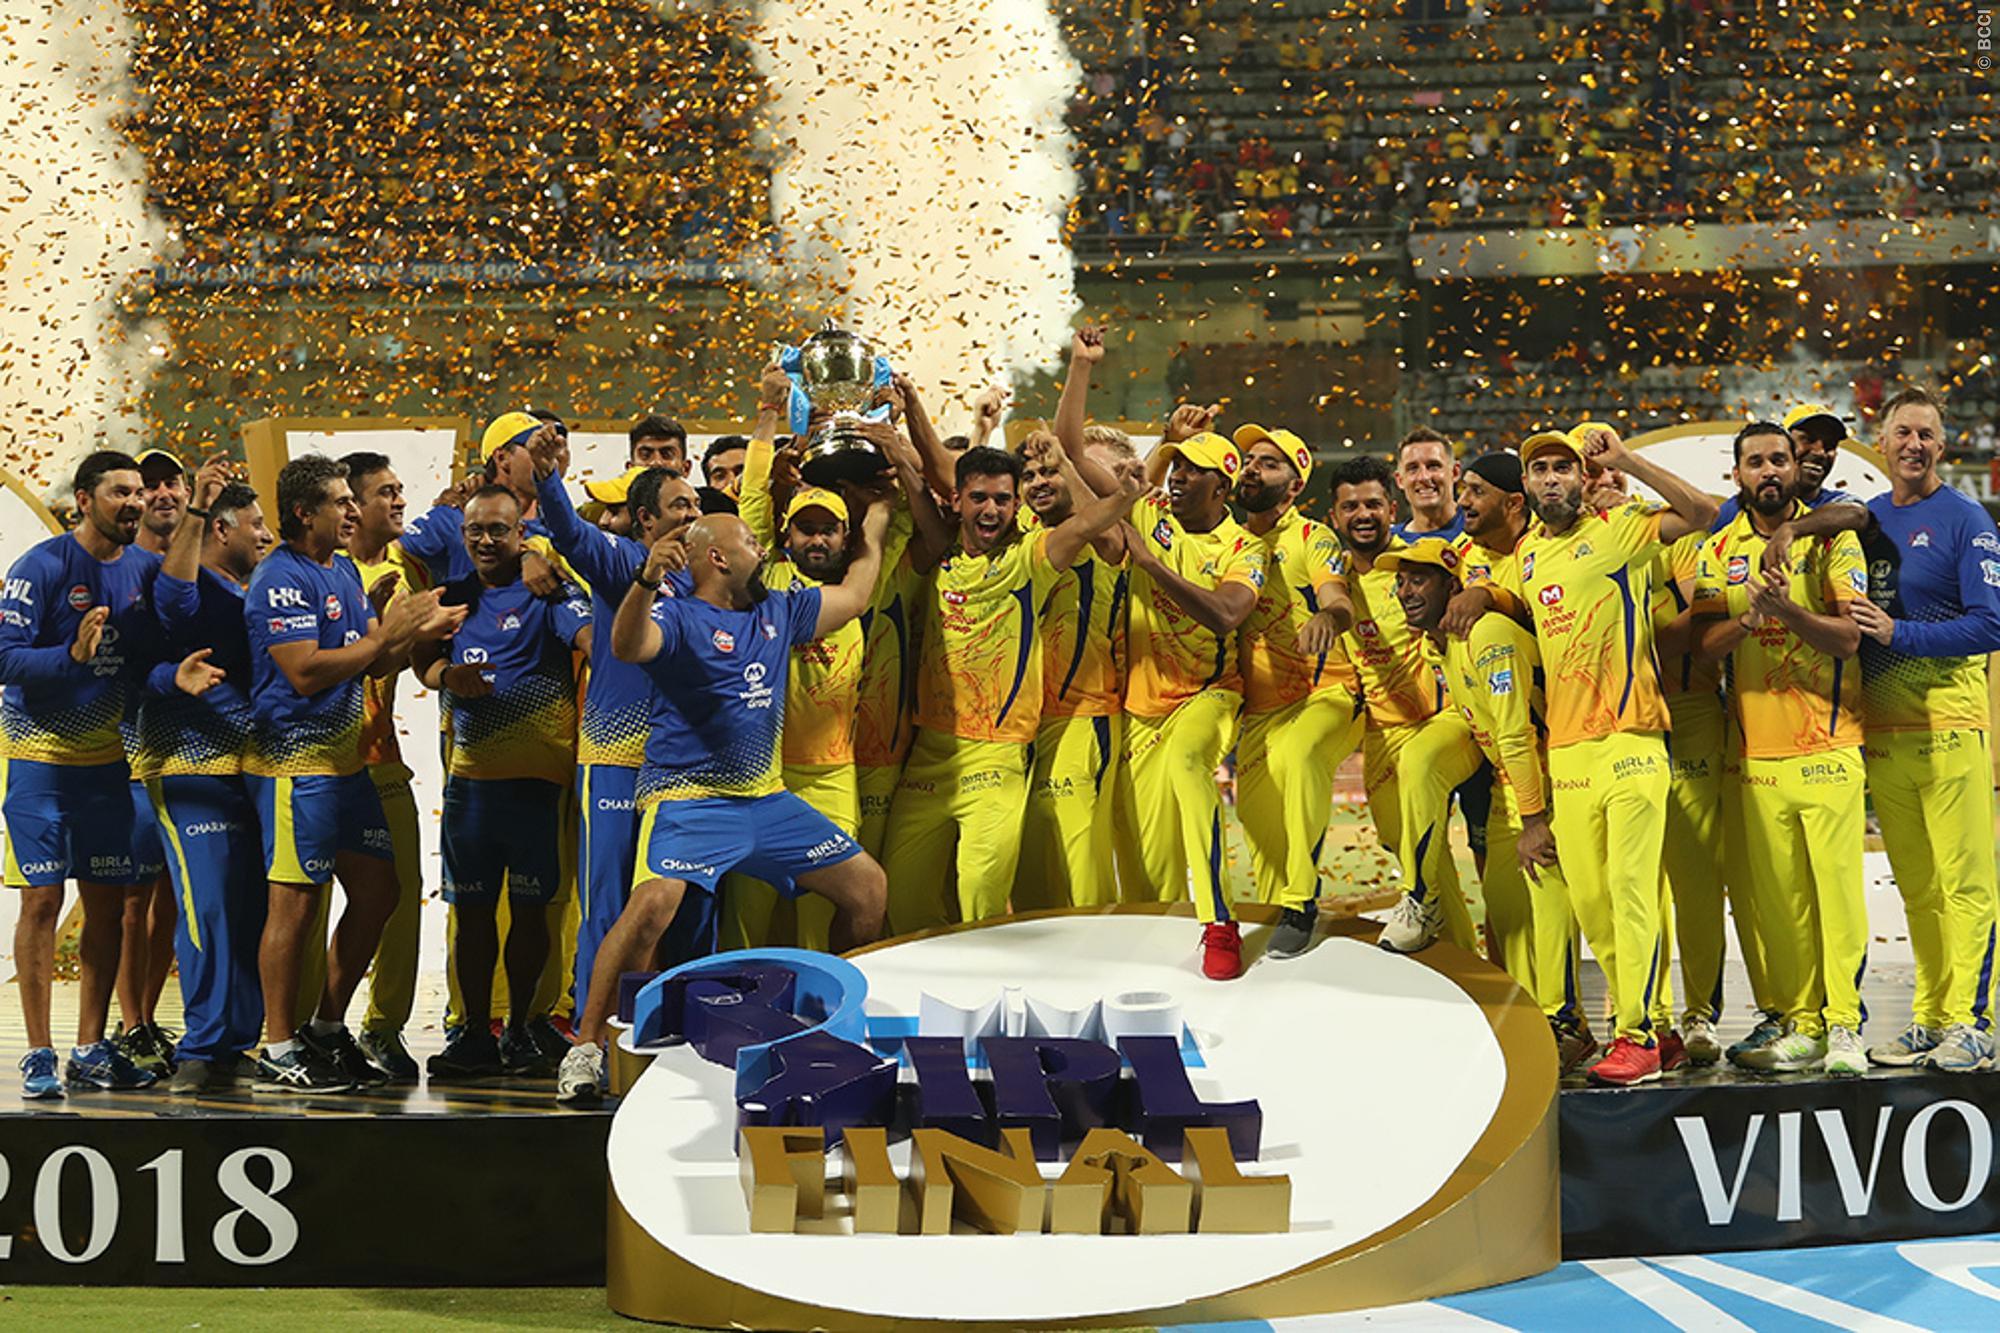 IPL 2018 के फाइनल में चेन्नई की जीत और सनराइजर्स की हार के बाद डेविड वॉर्नर ने कही ऐसी बात 6